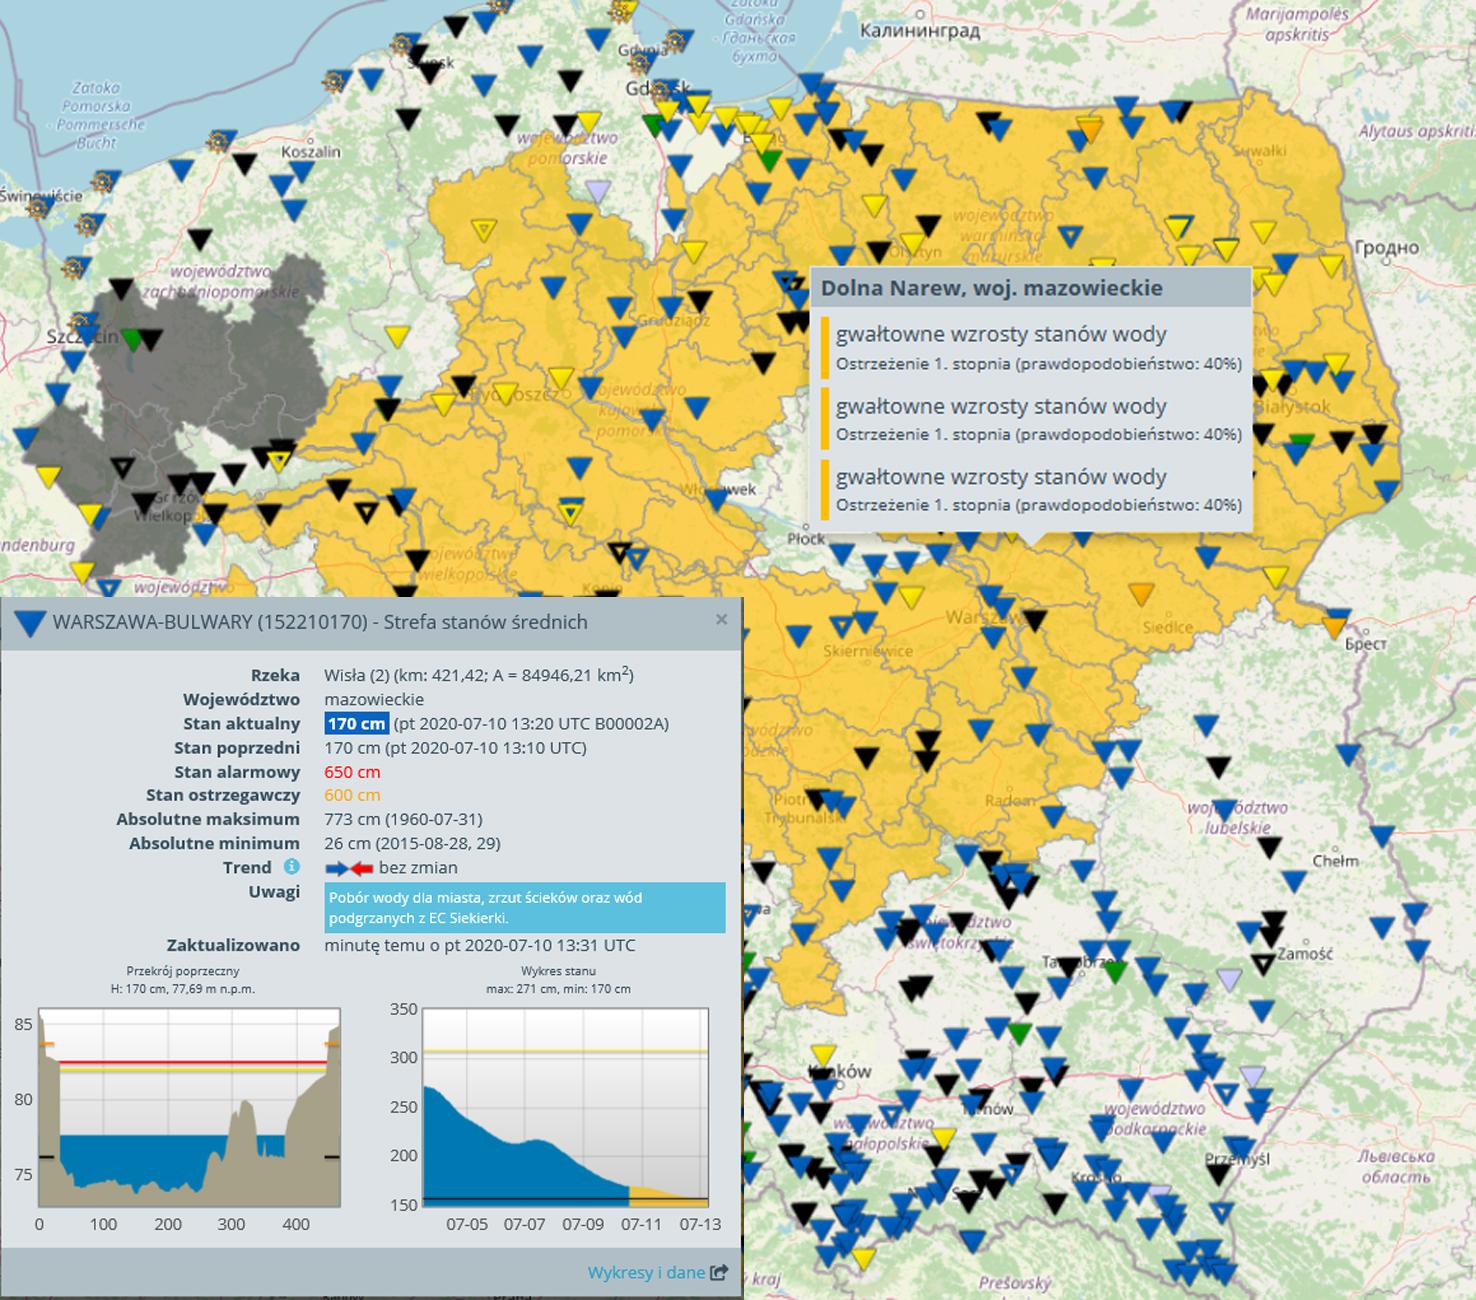 Platforma Monitor IMGW służy do przekazywania najaktualniejszych danych hydrologicznych i metrologicznych w przejrzystej formie